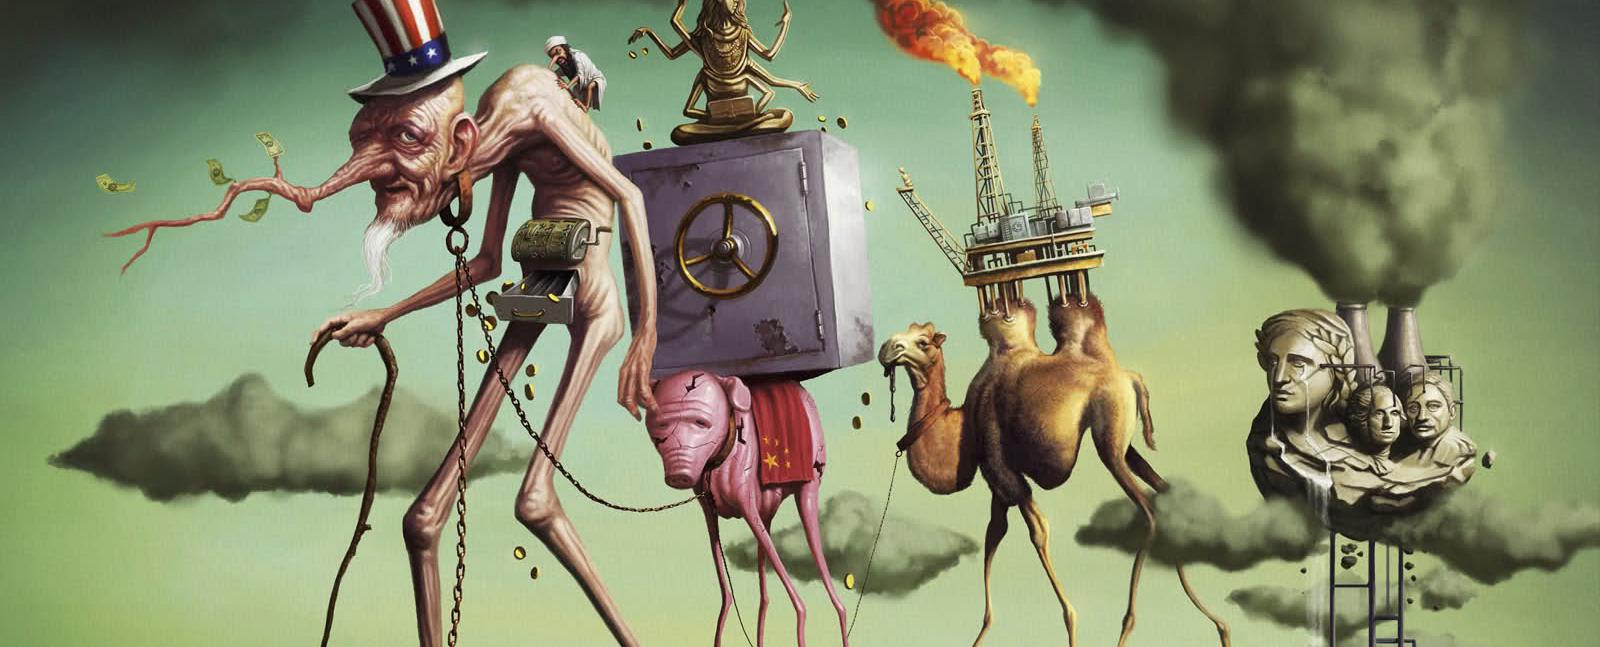 TTIP: Un Mundo Feliz Transatlántico | Noviembre Nocturno 5